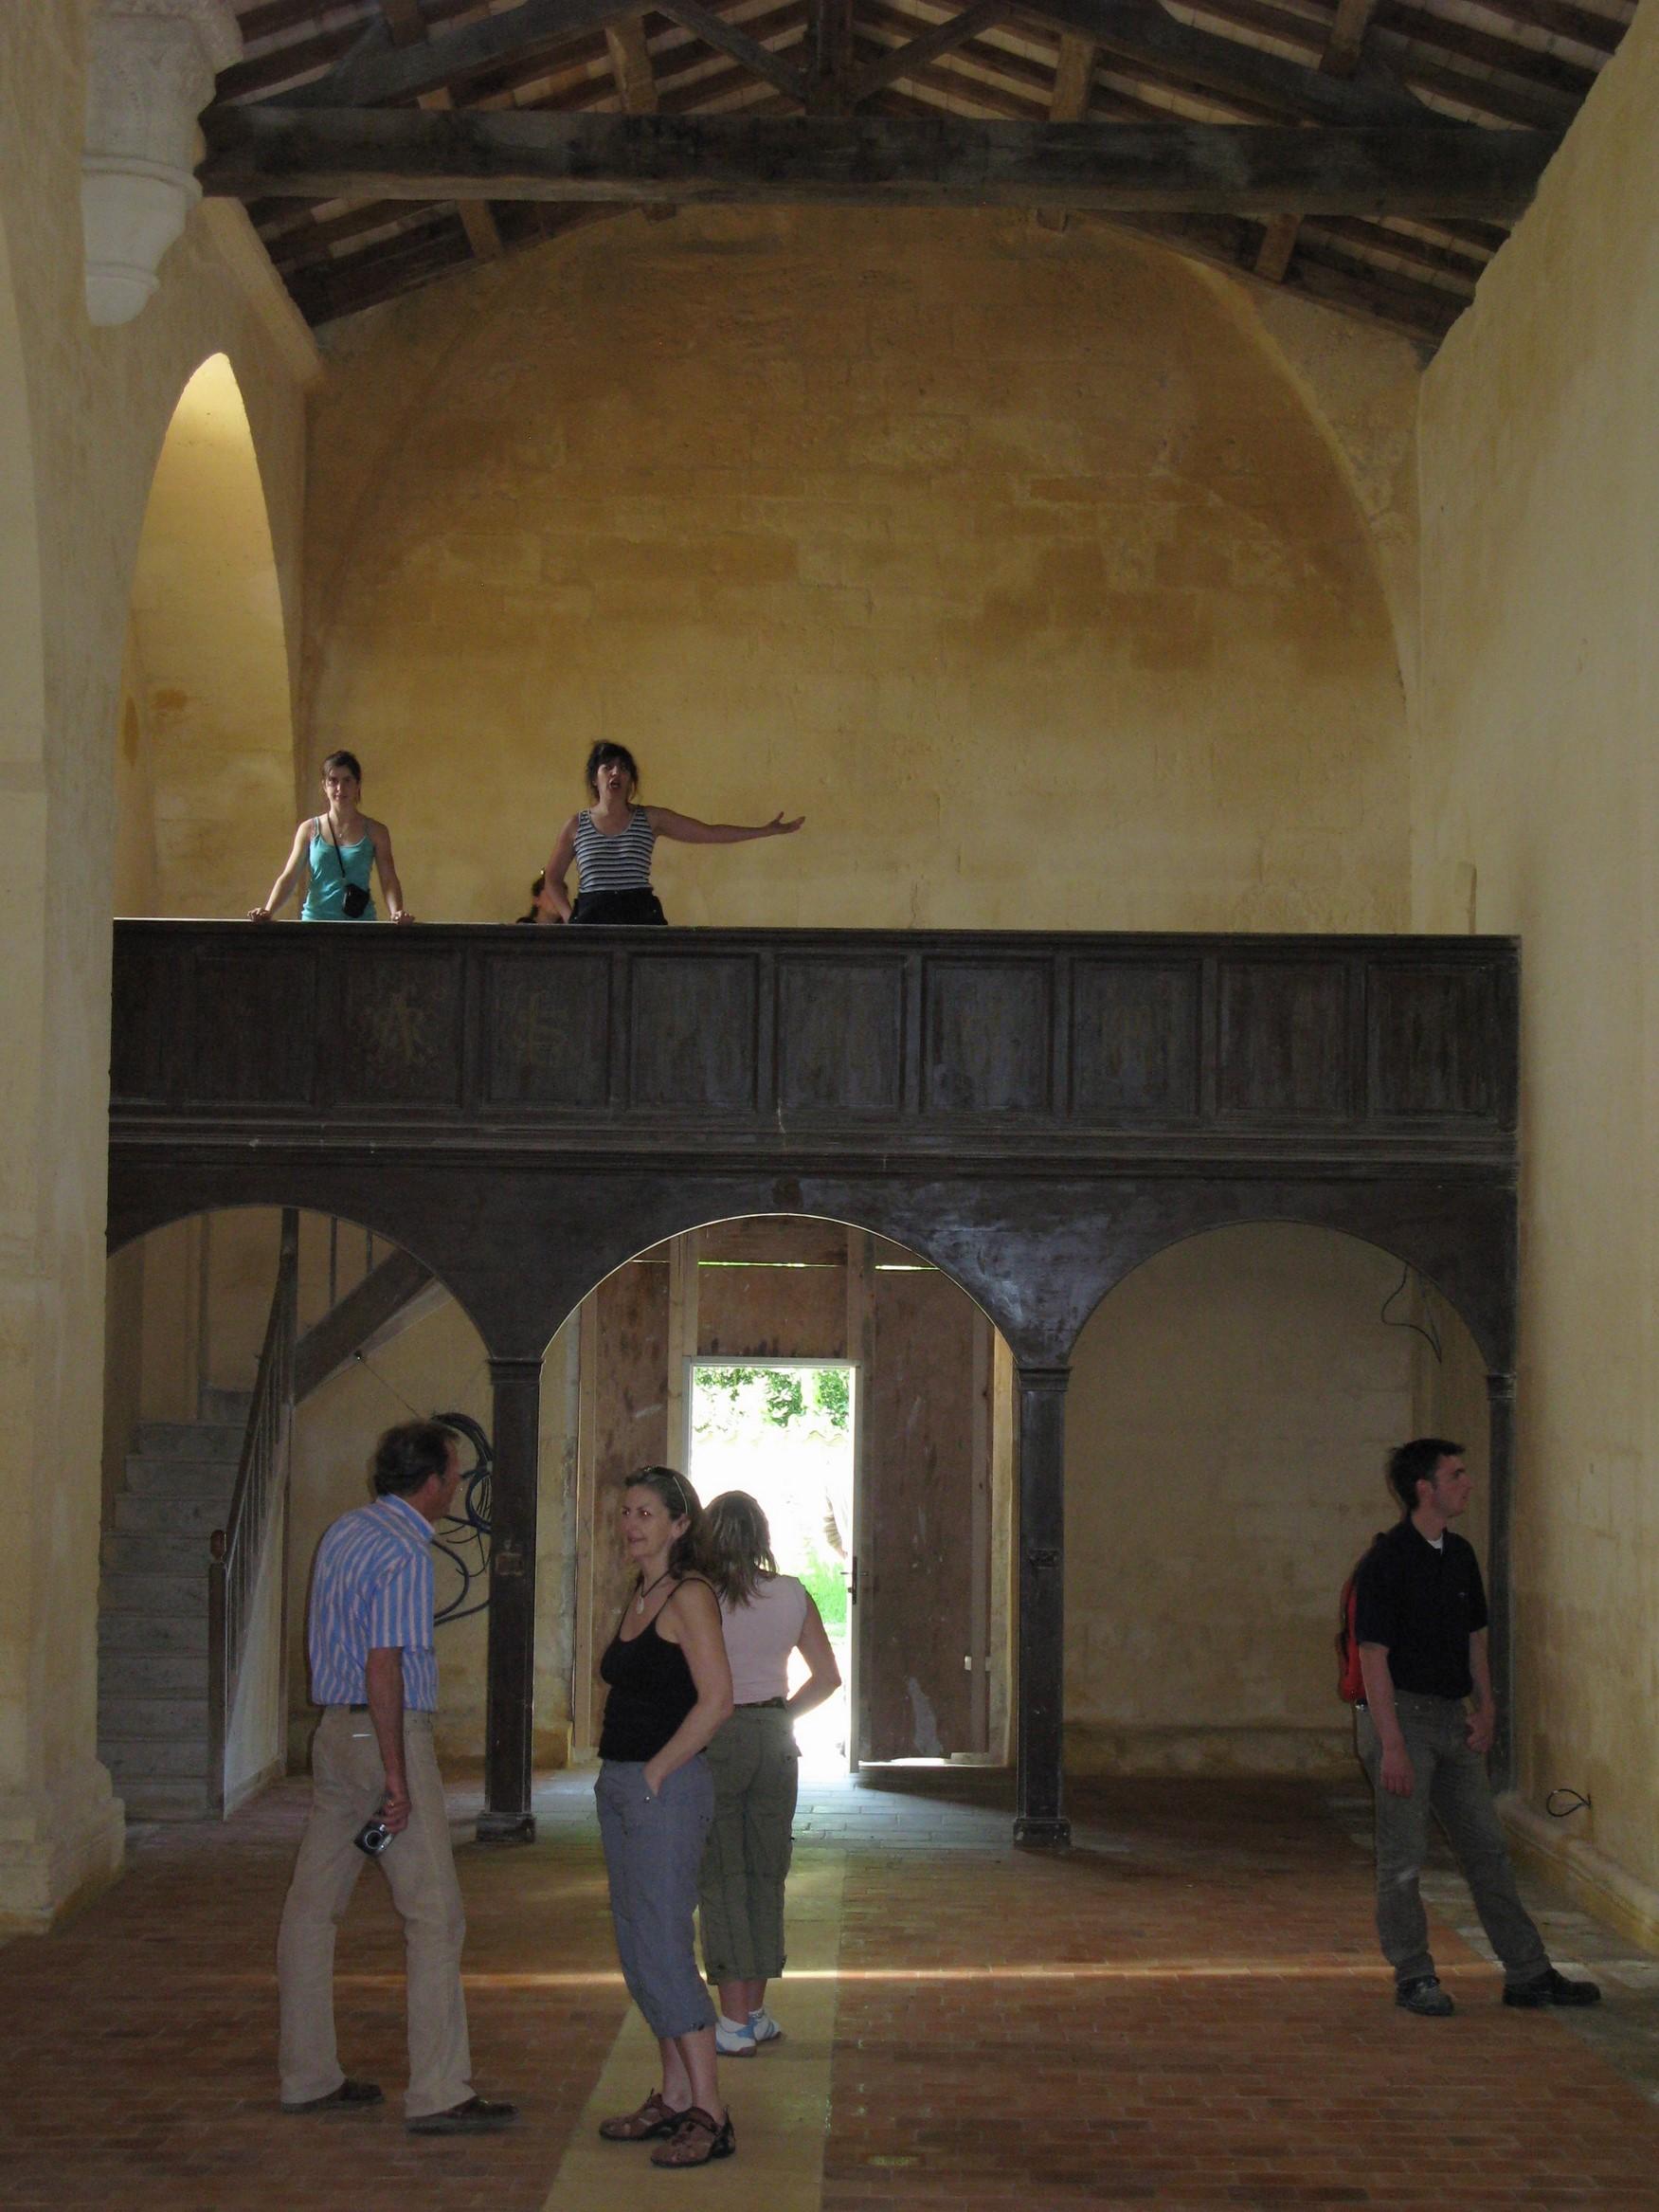 15 Après cinq kms nous découvrons, une église romane portant une téte diabolique sur une voussure...